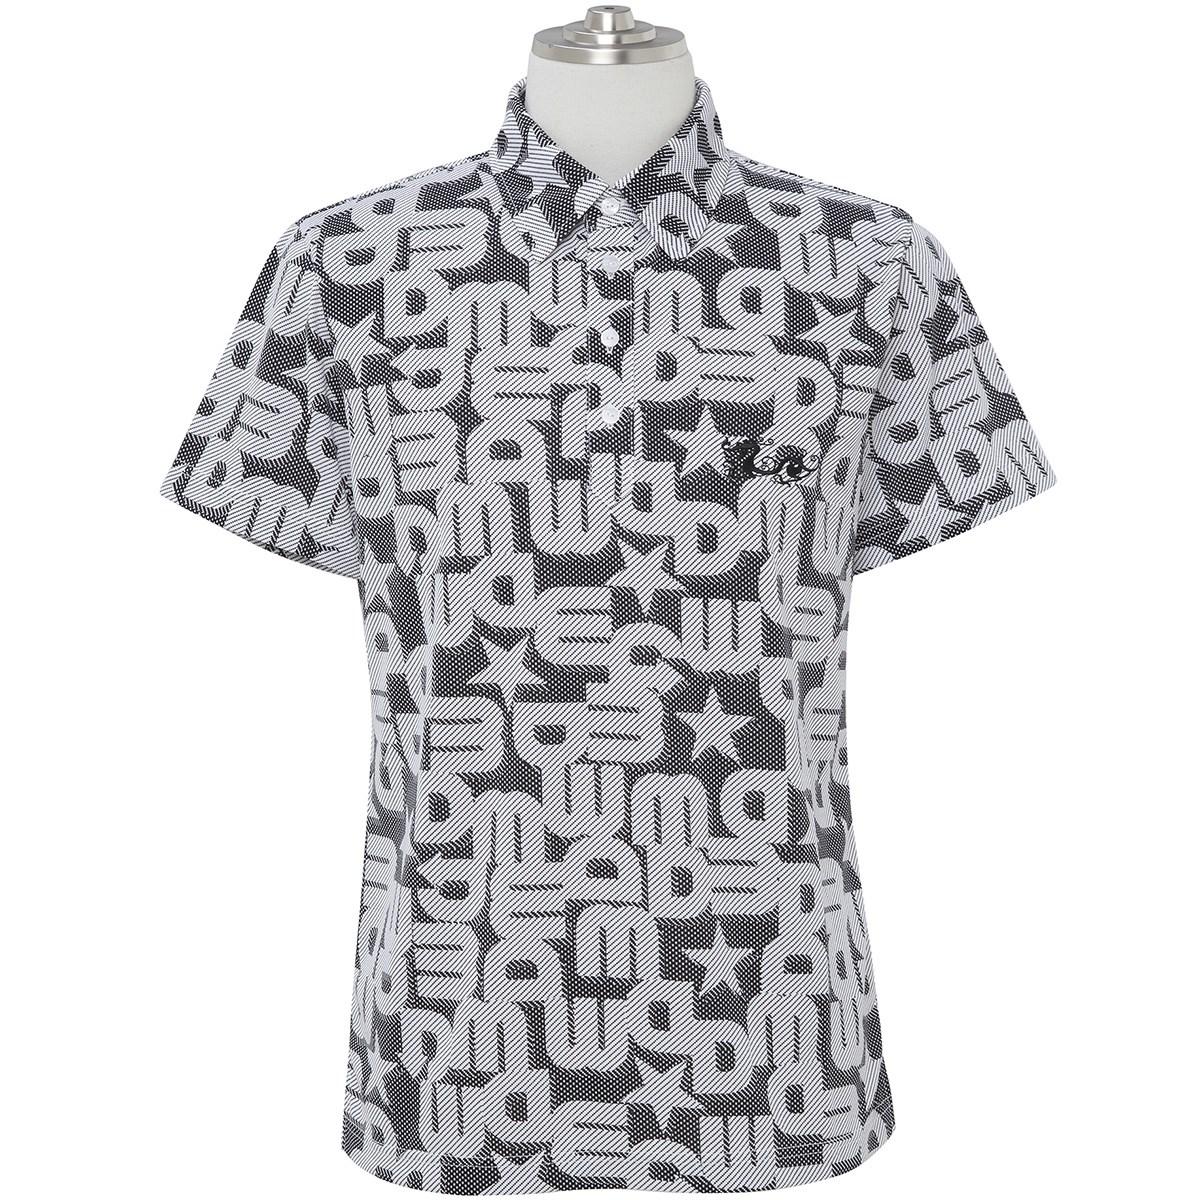 ダンスウィズドラゴン ロゴジャカードプリント半袖ポロシャツ